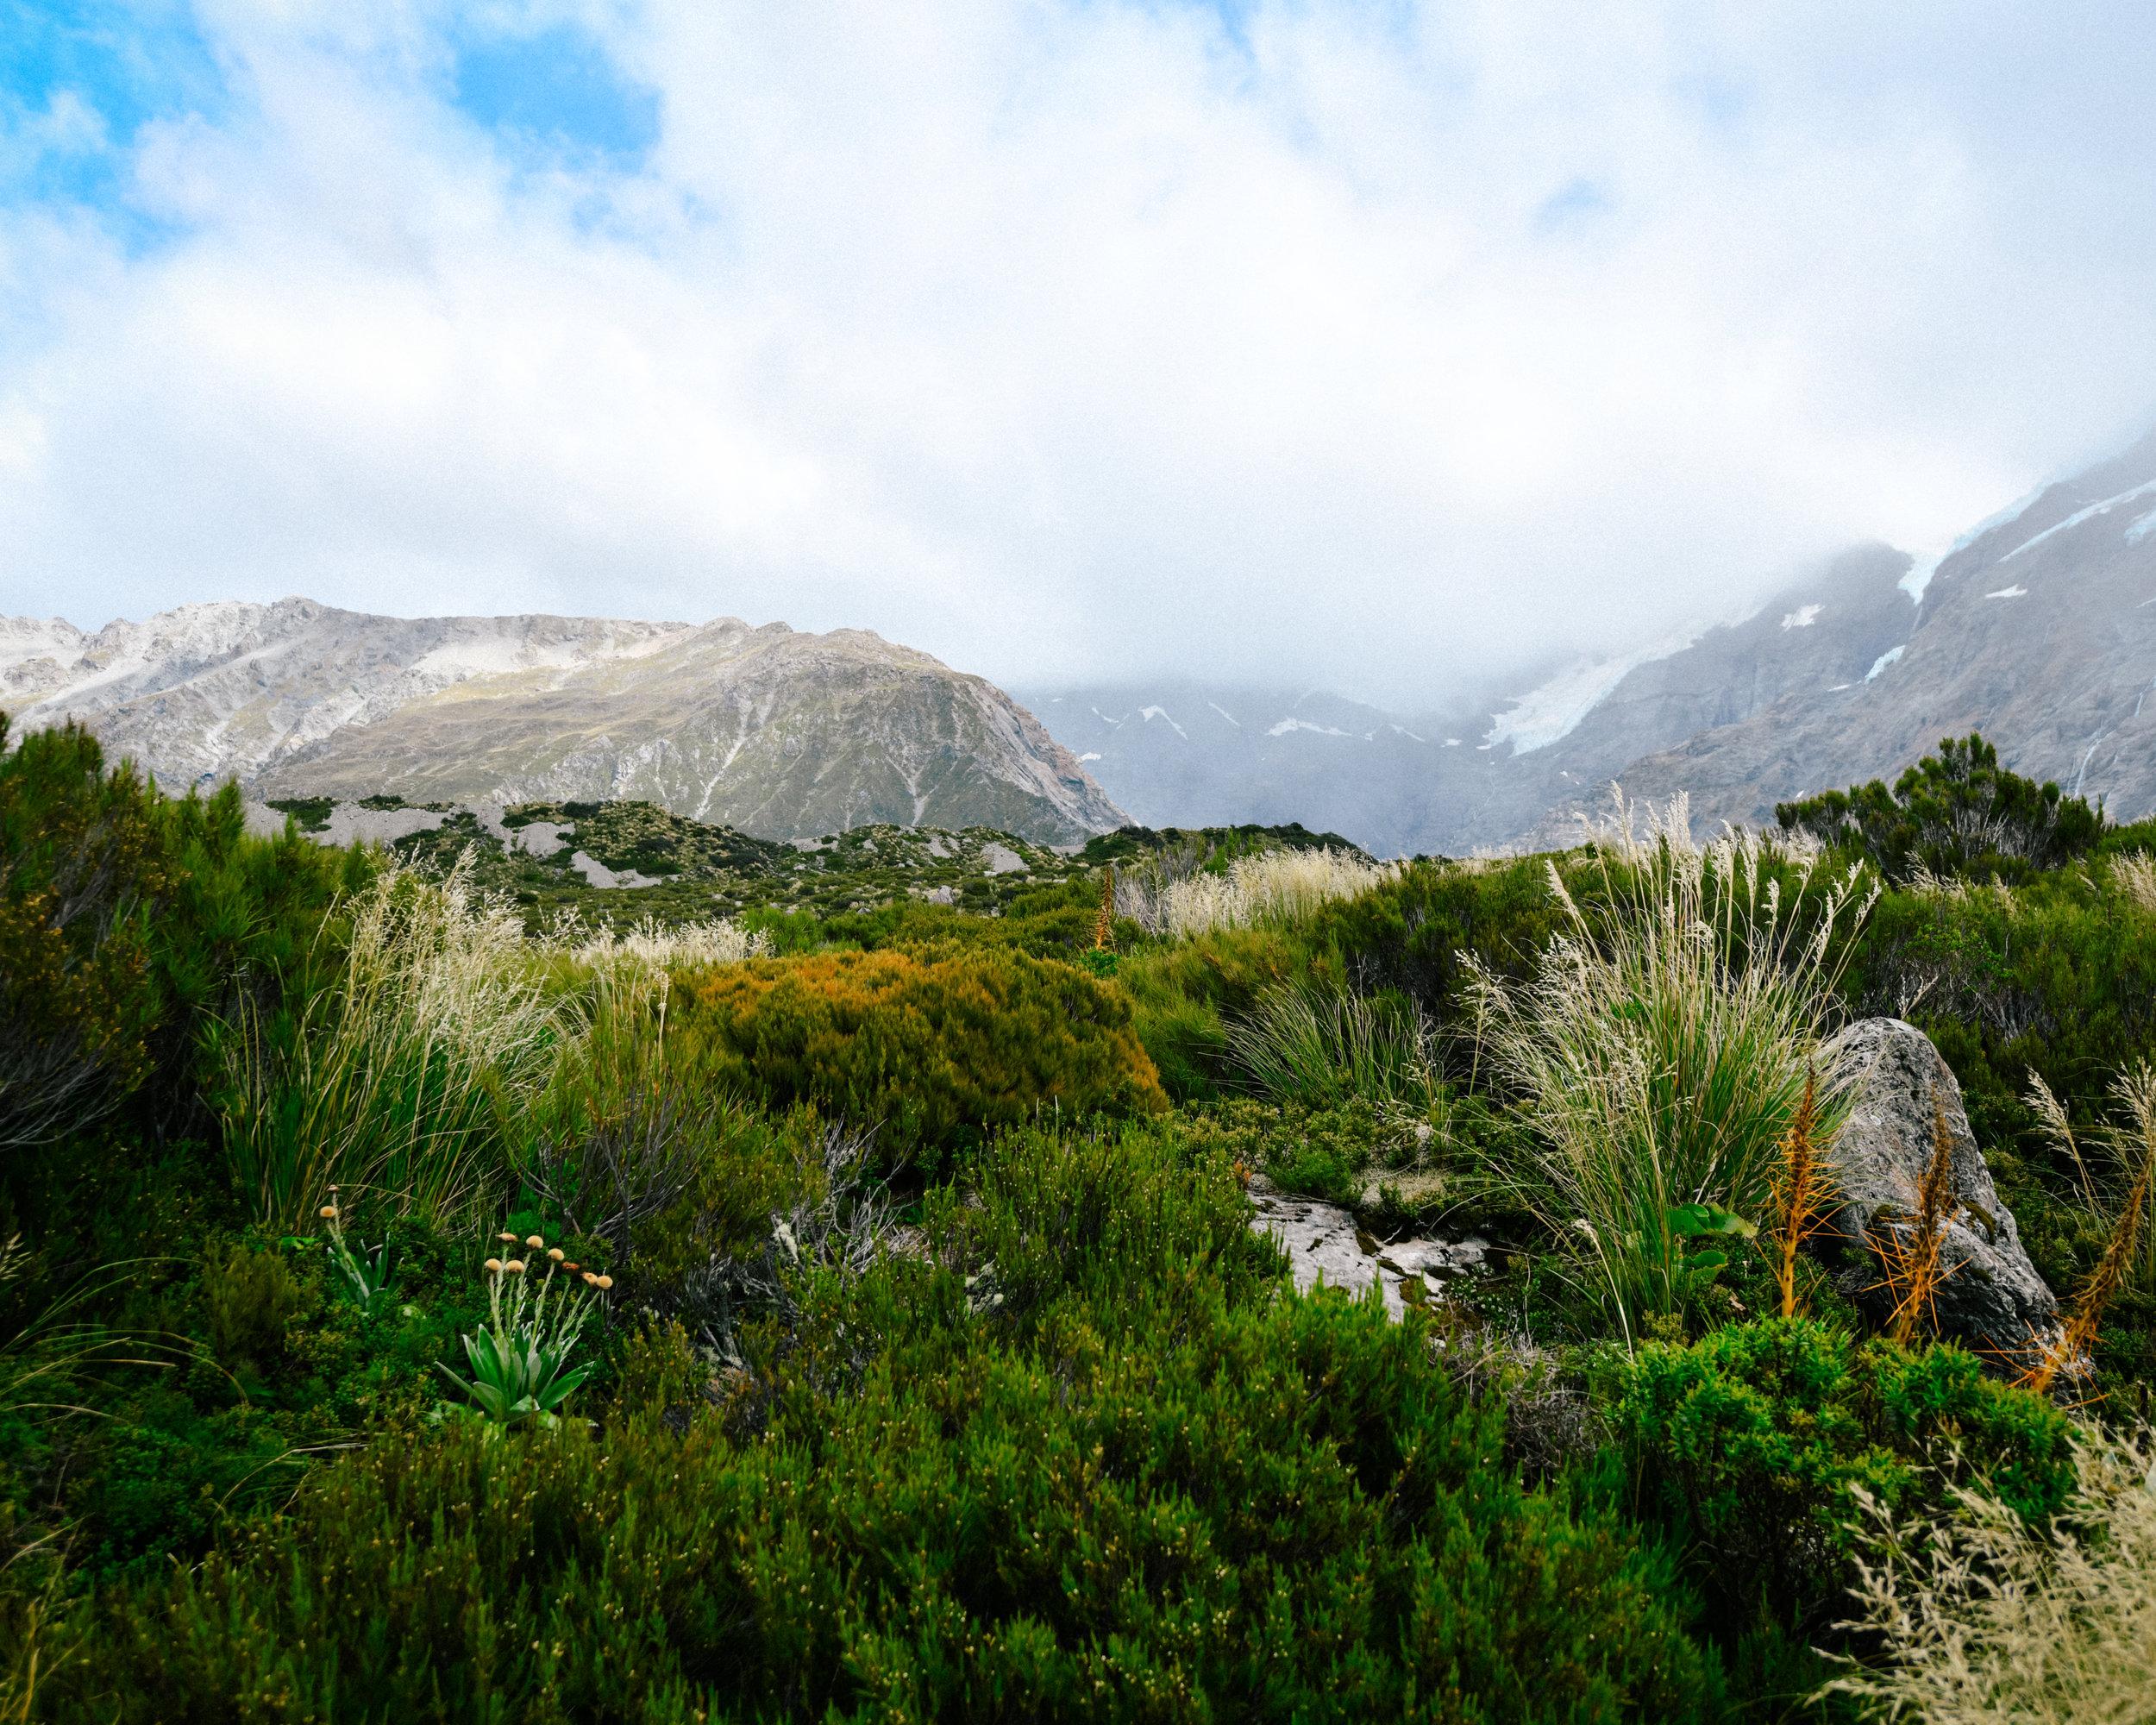 Mt. Cook shot